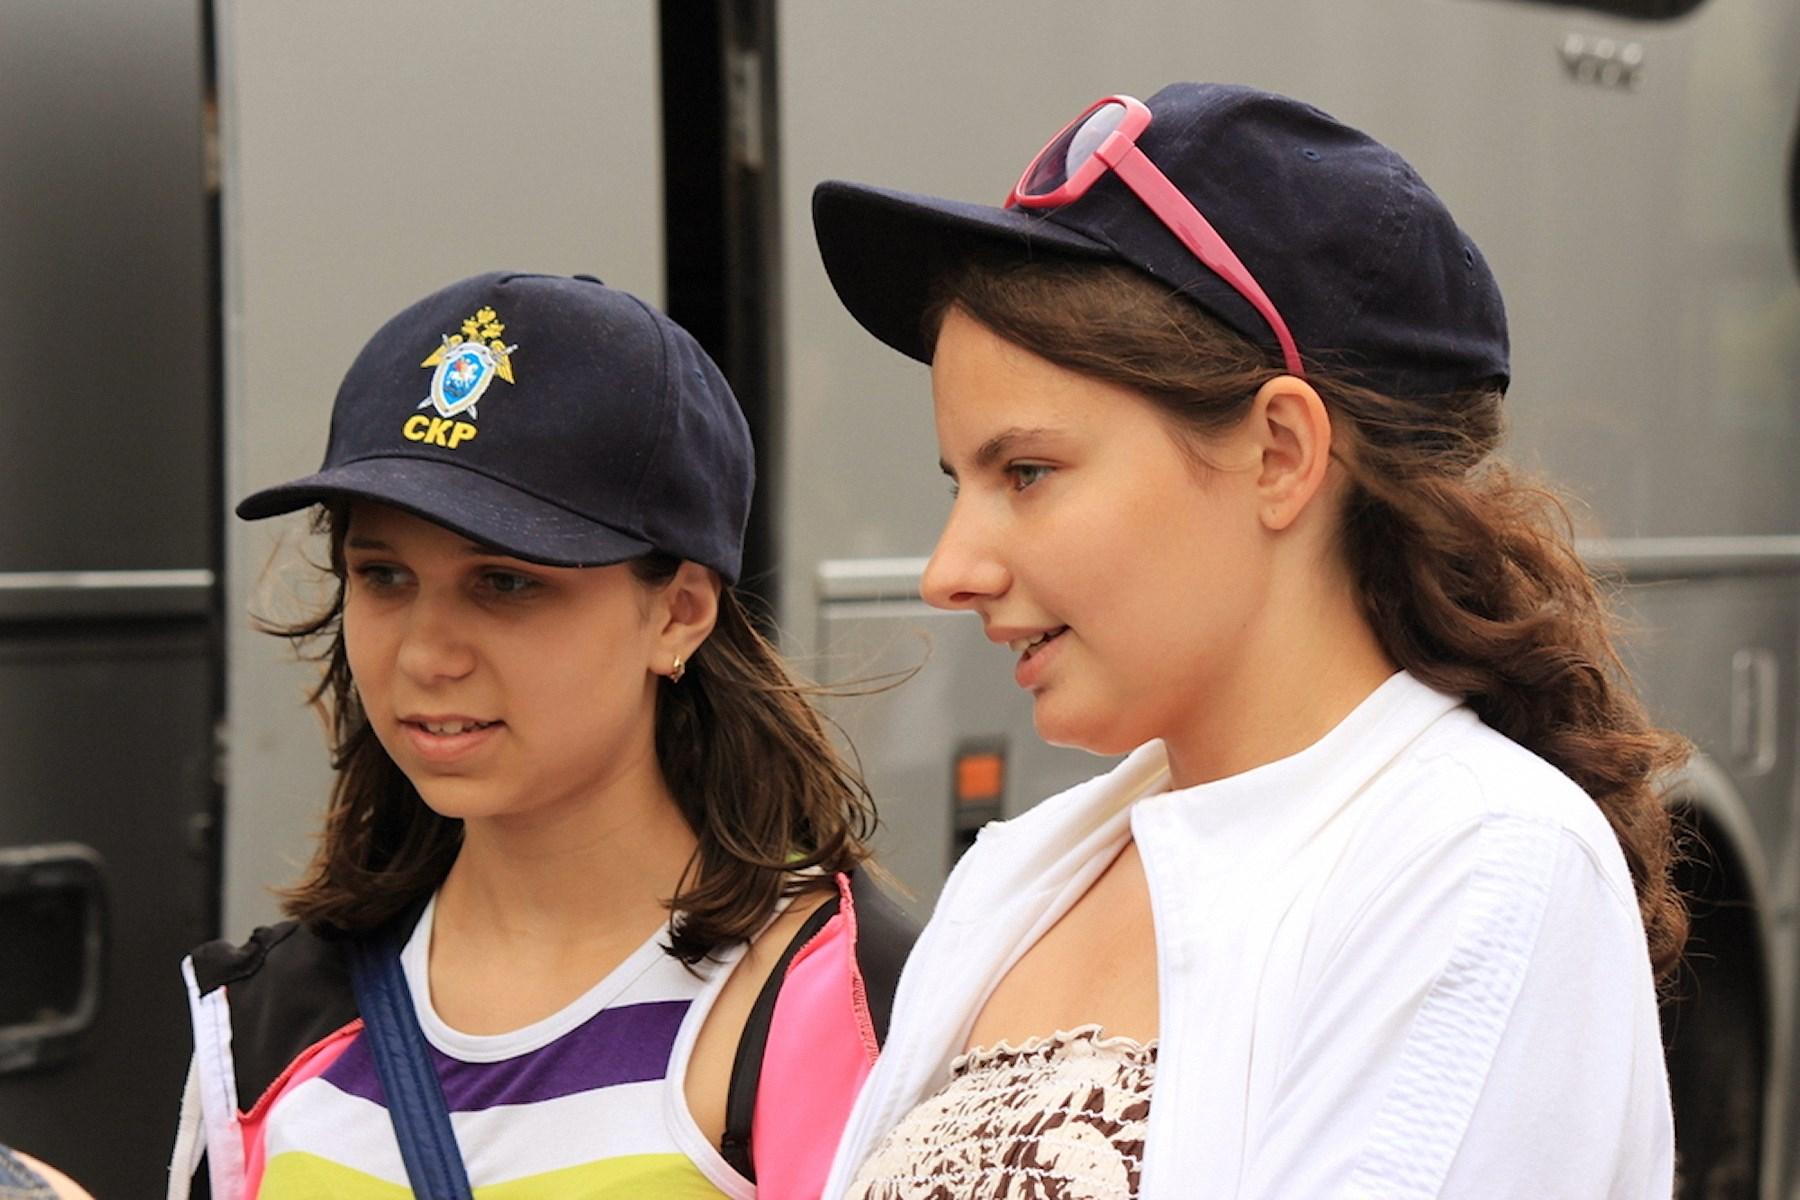 00 lugansk pr. lnr. lugansk kids in moscow 02. 260615